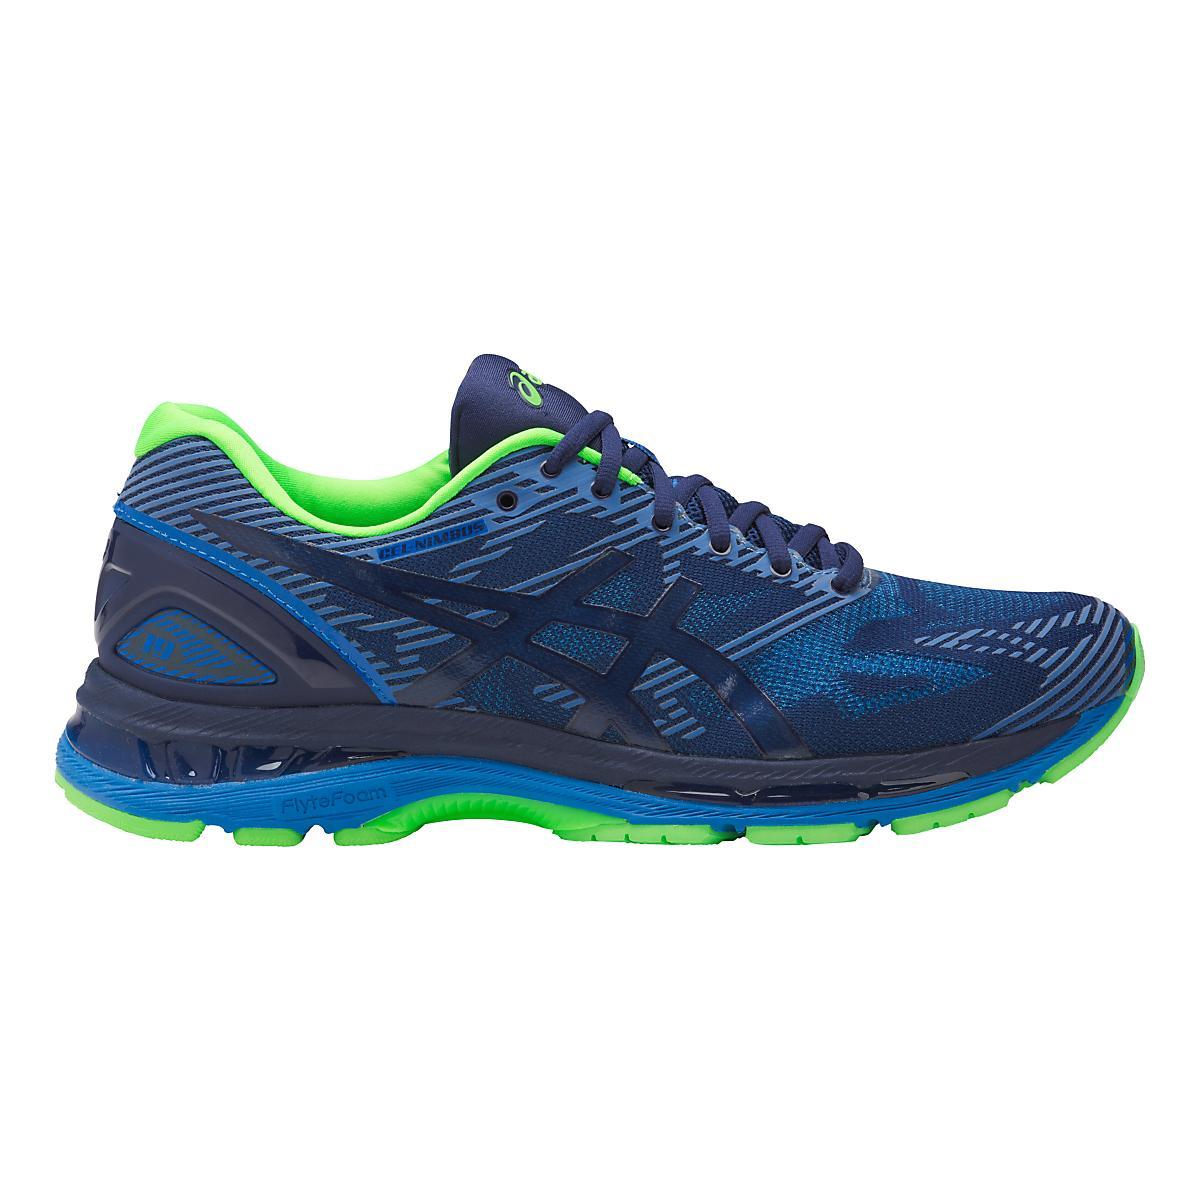 Chaussure de course à de pied 12871 pour homme ASICS GEL Sports Nimbus 19 Lite chez Road Runner Sports 4e683ee - afilia.info